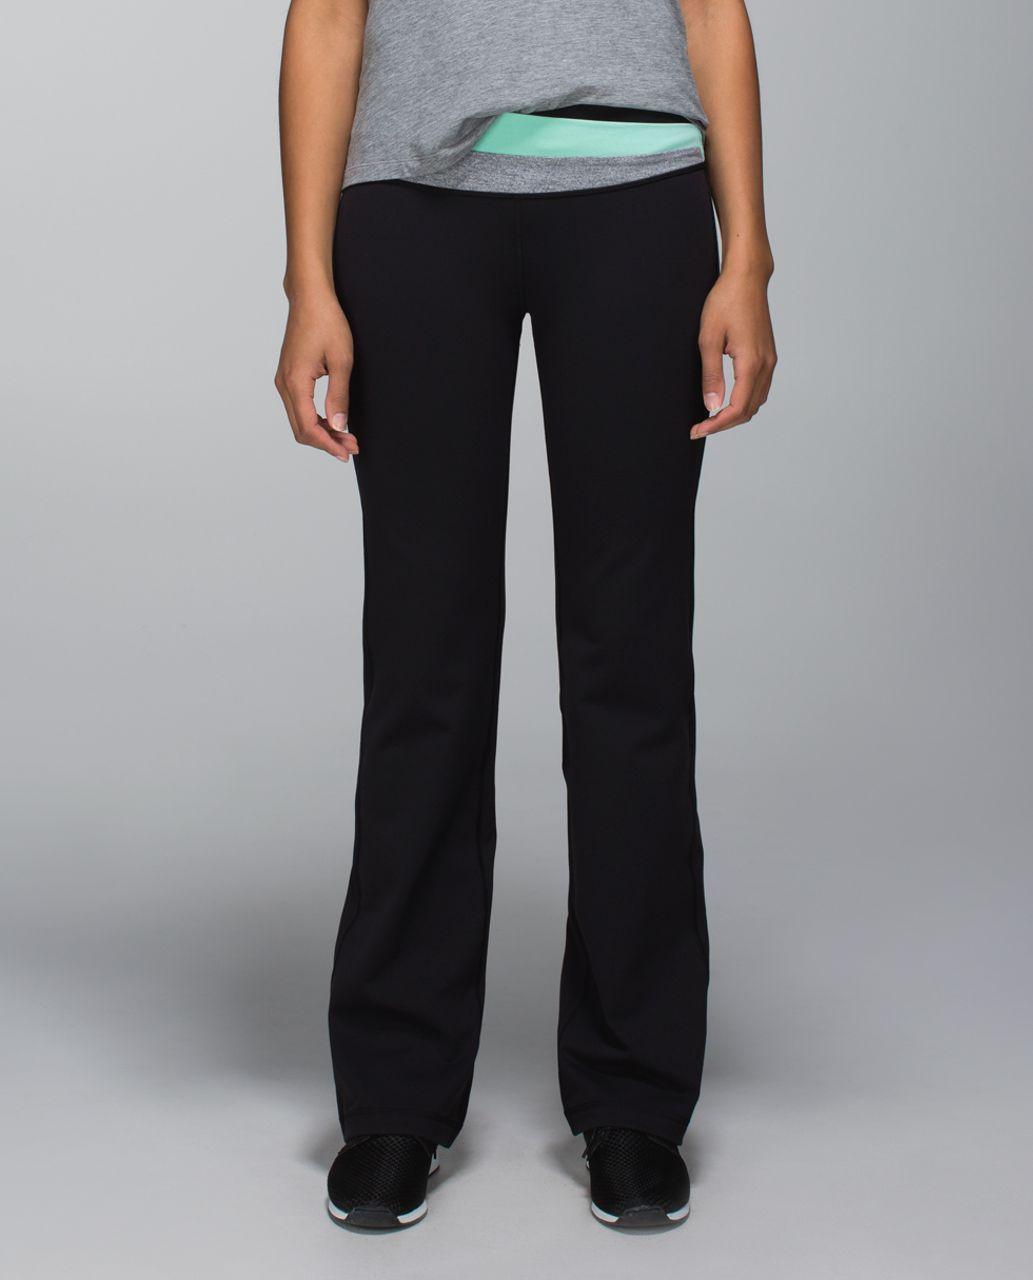 Lululemon Astro Pant *Full-On Luon (Regular) - Black / Toothpaste / Heathered Slate